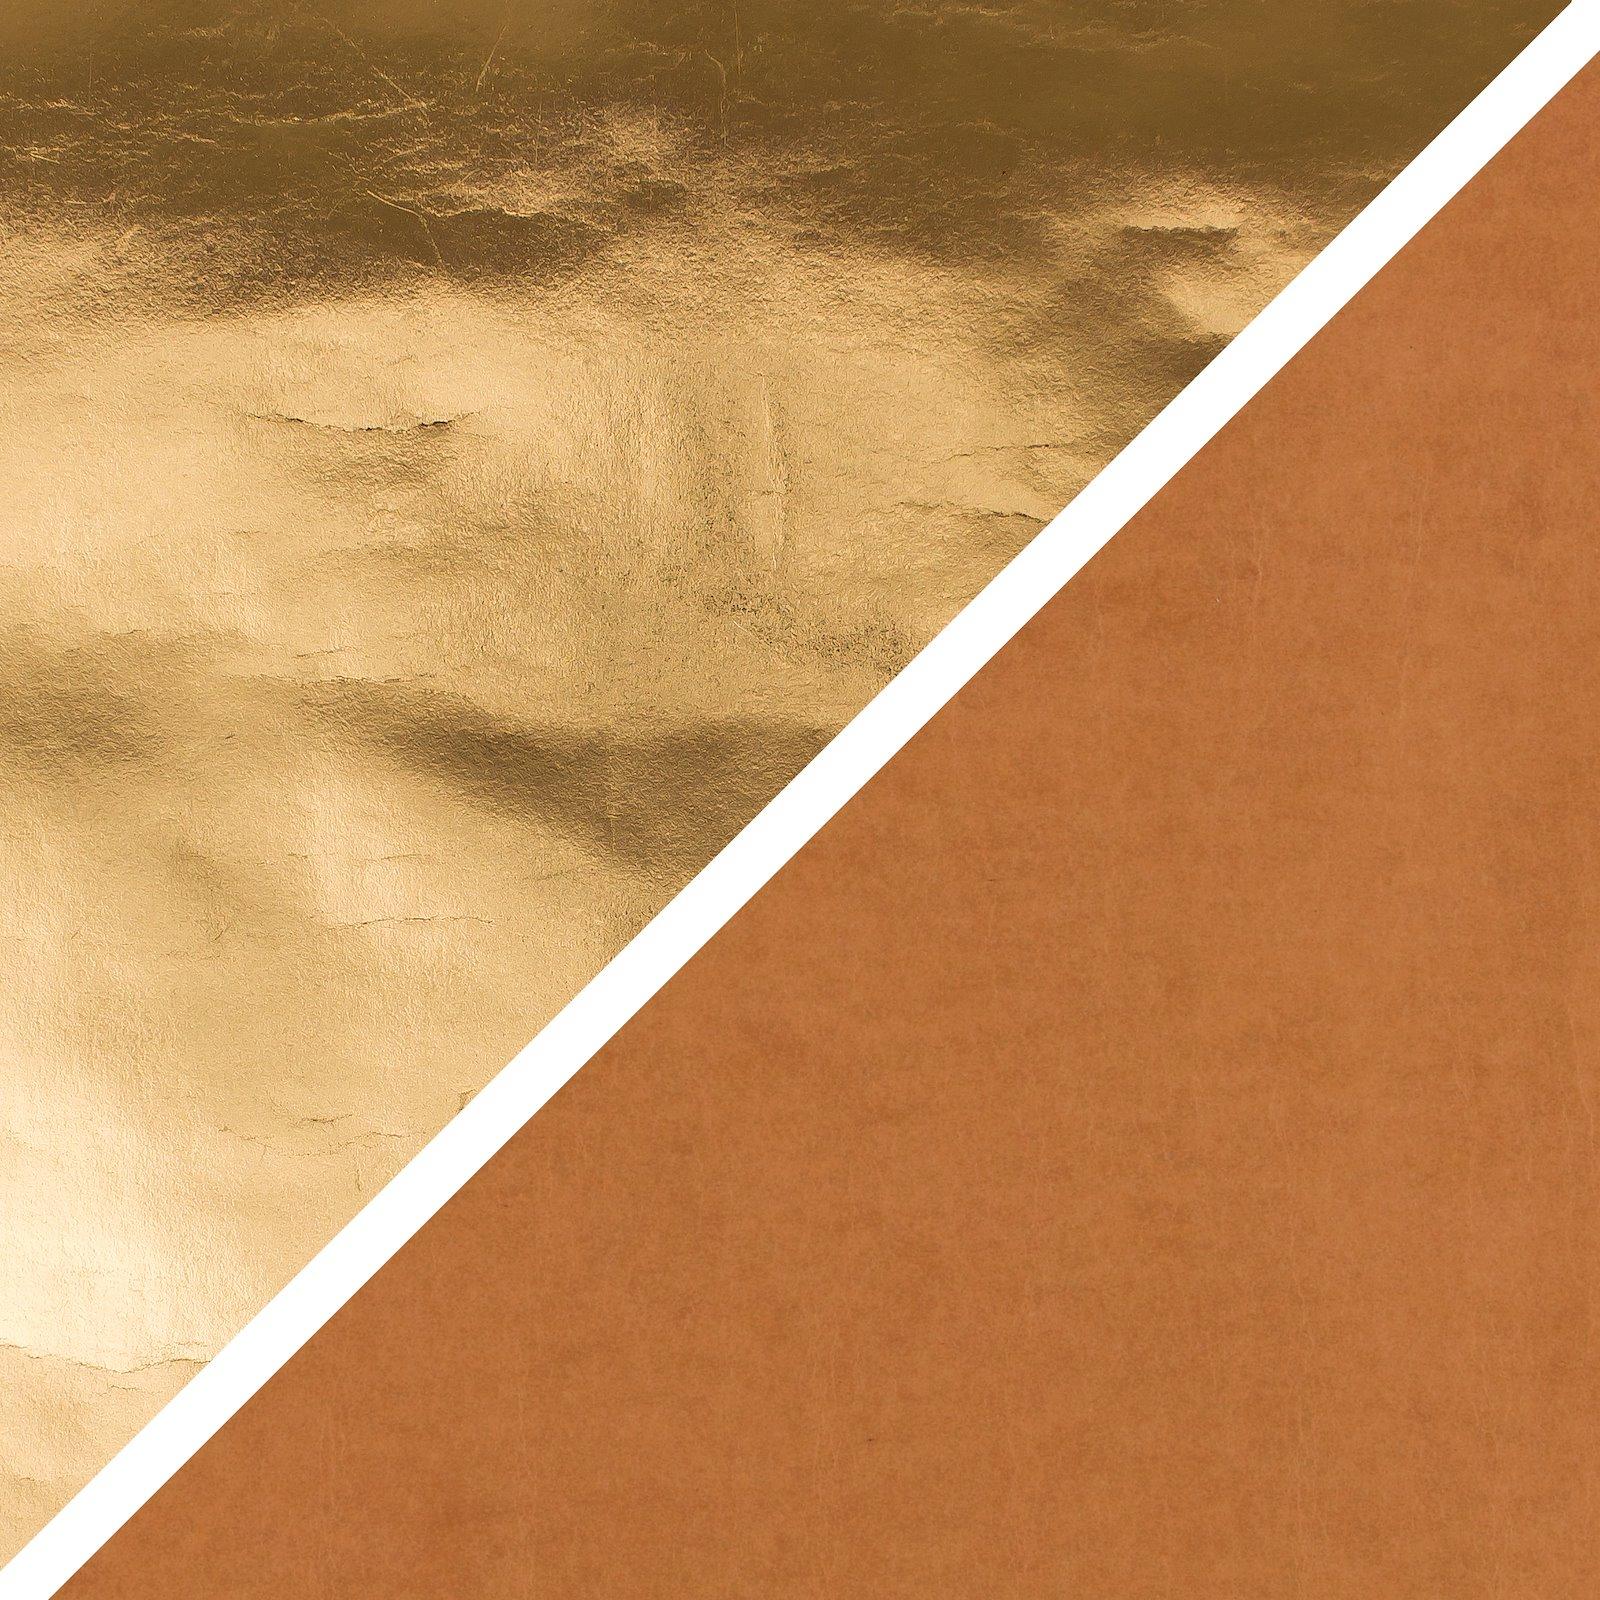 PAP FAB Gold/Cognac, 72x100cm